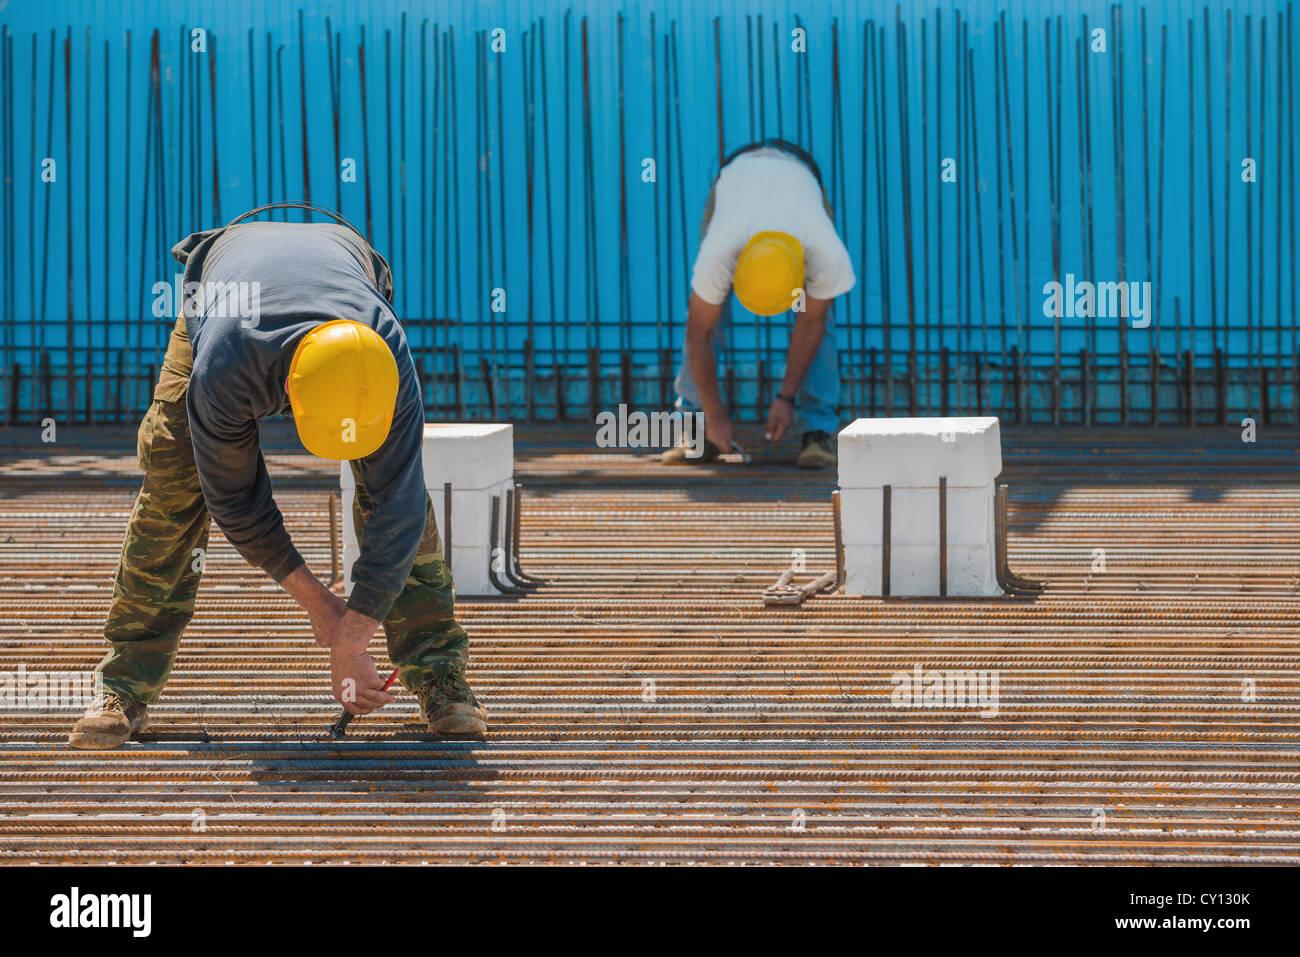 Les travailleurs de la construction l'installation de barres d'acier pour les fils de liaison Photo Stock